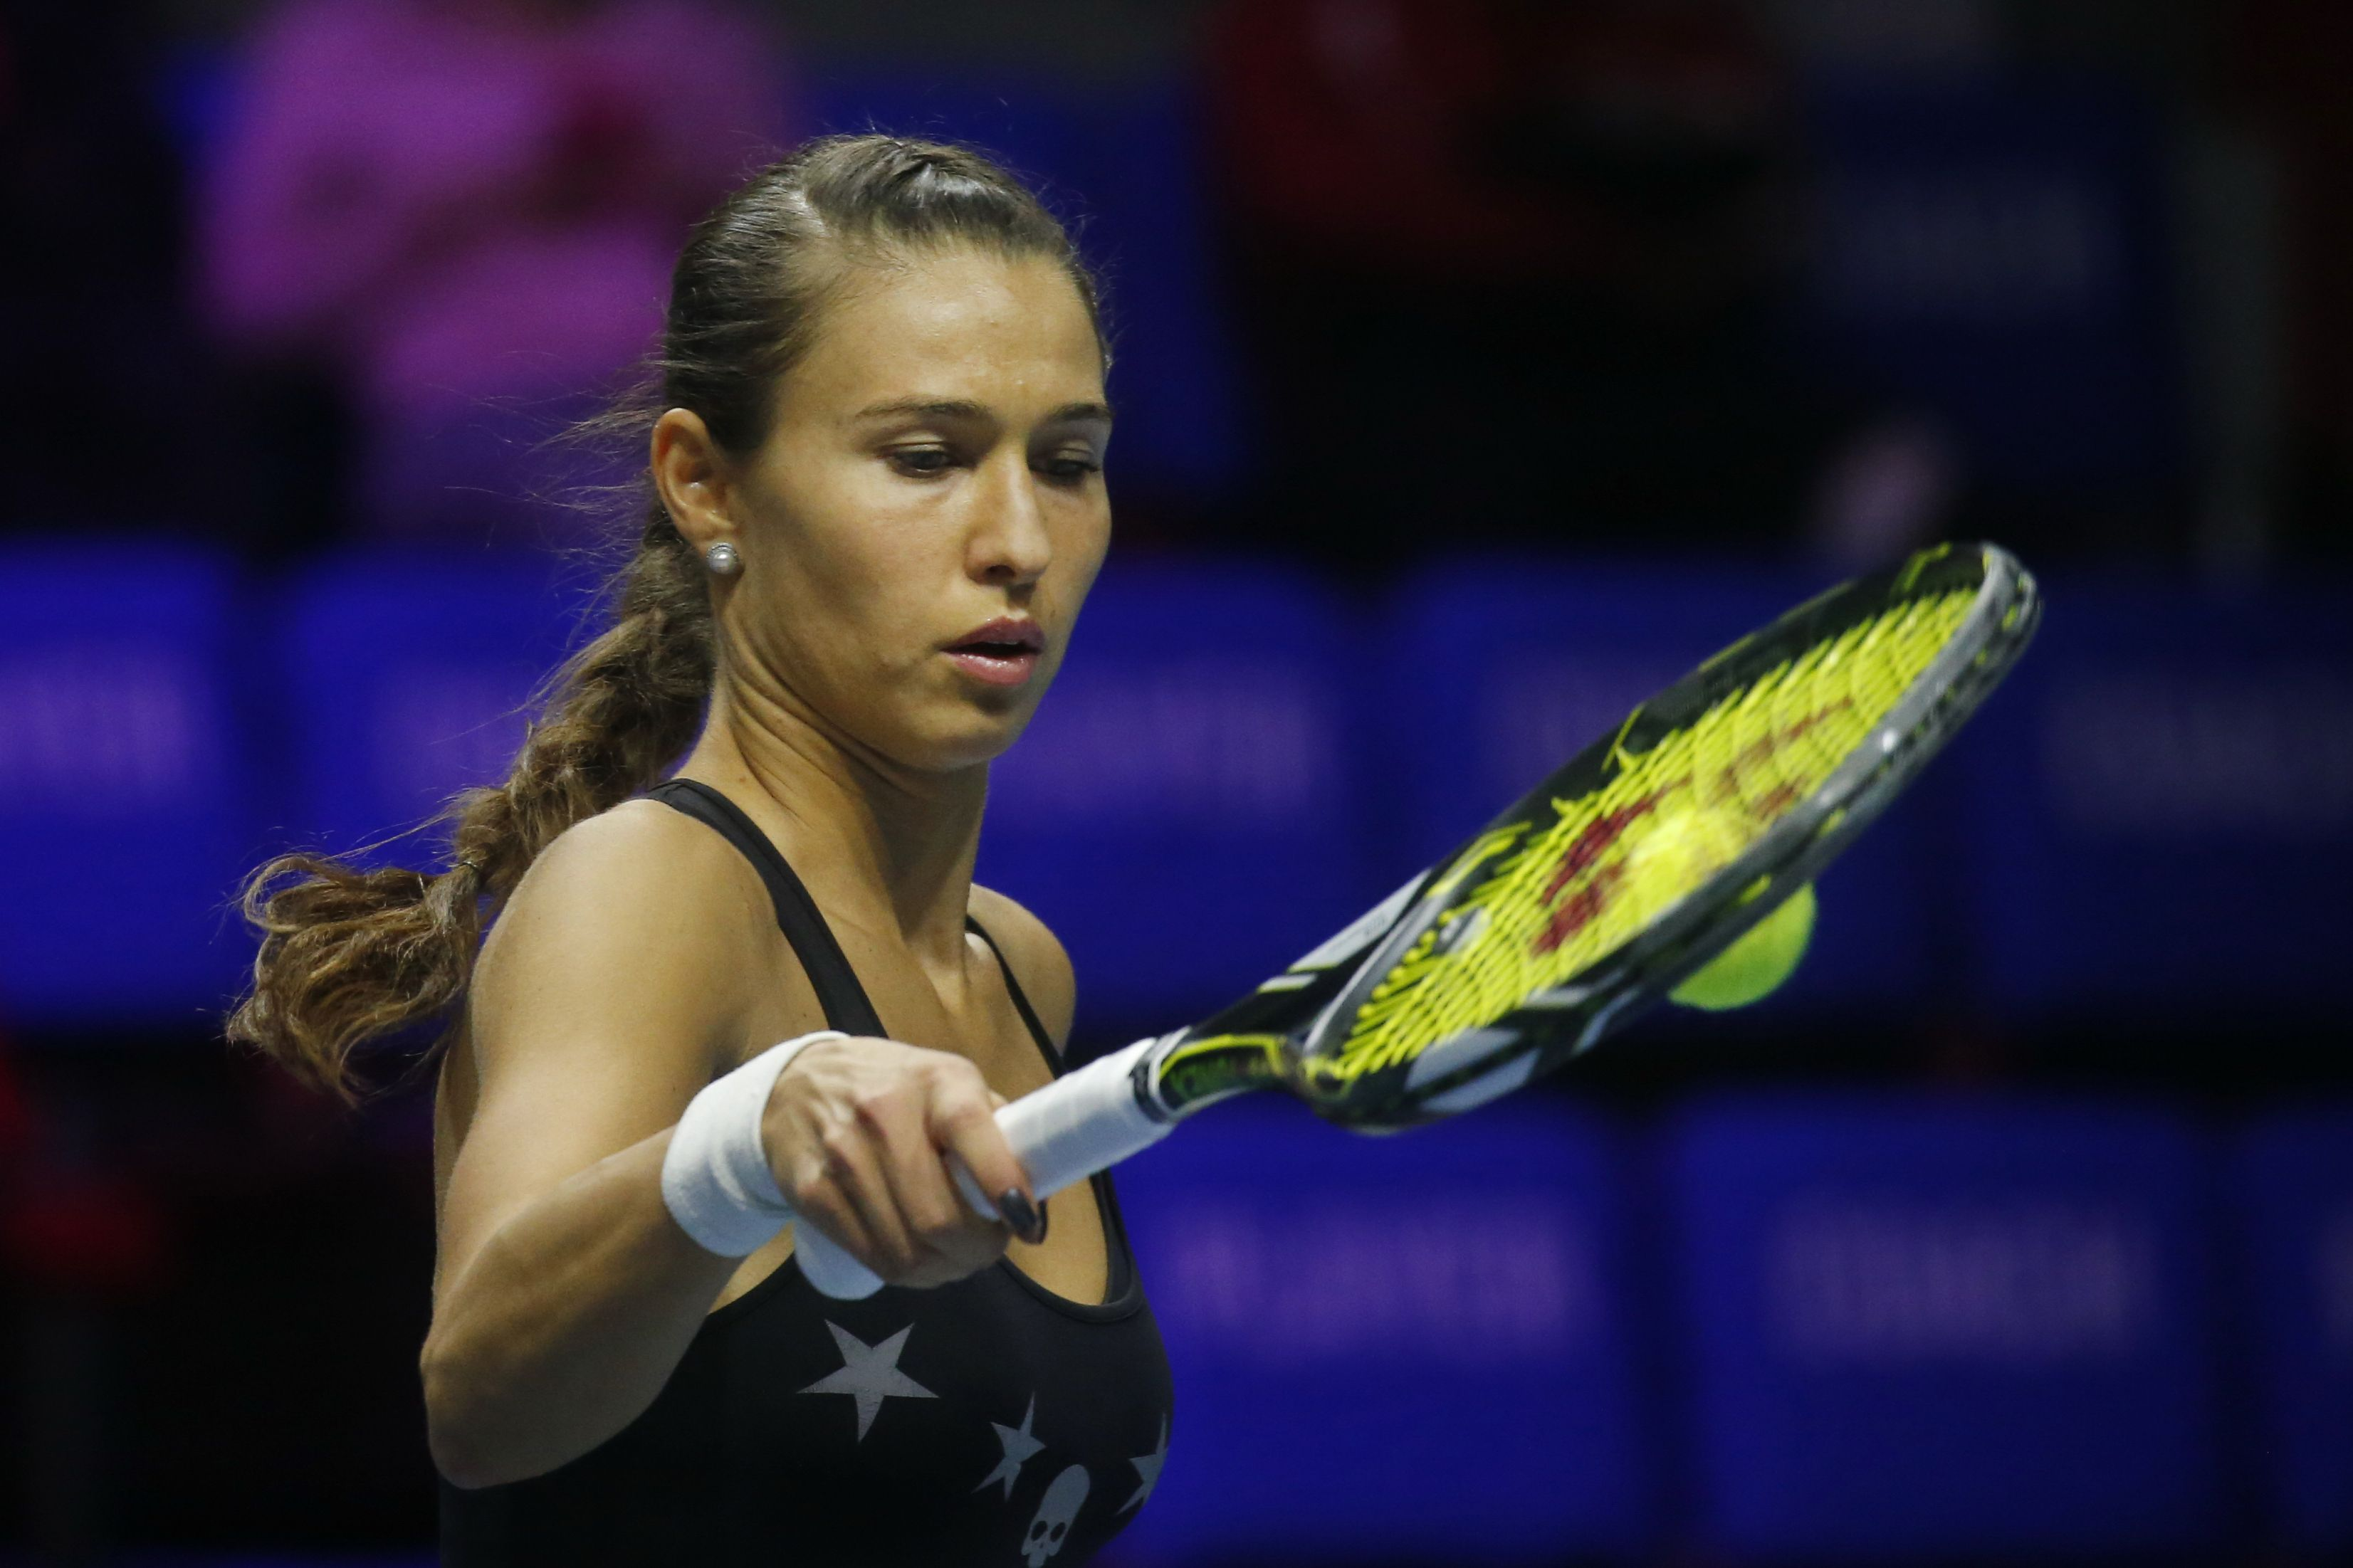 Вихлянцева проиграла в первом круге турнира в Чарльстоне